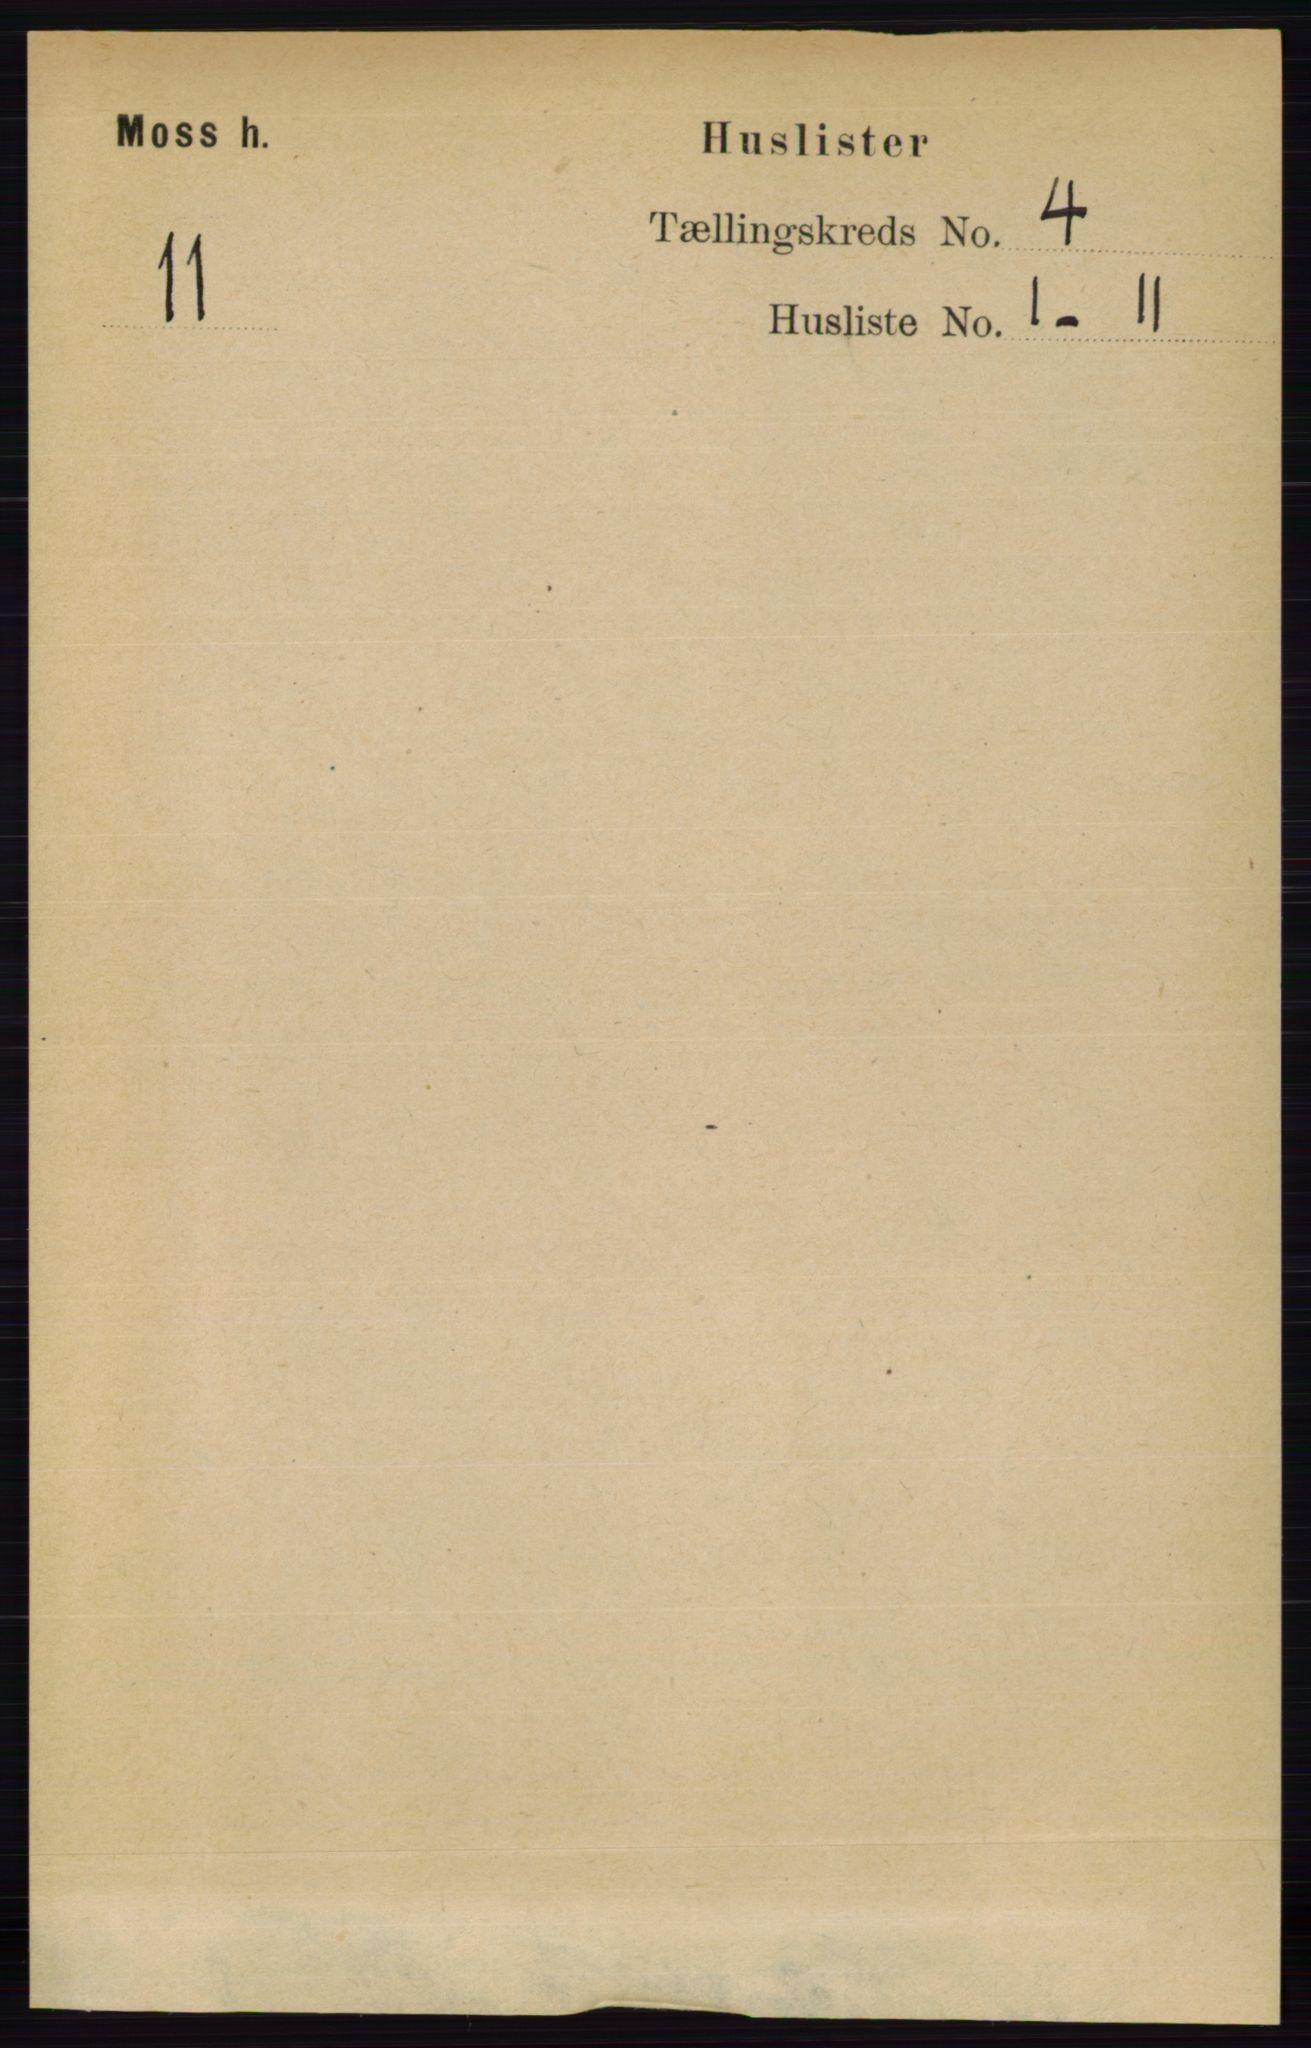 RA, Folketelling 1891 for 0194 Moss herred, 1891, s. 1298